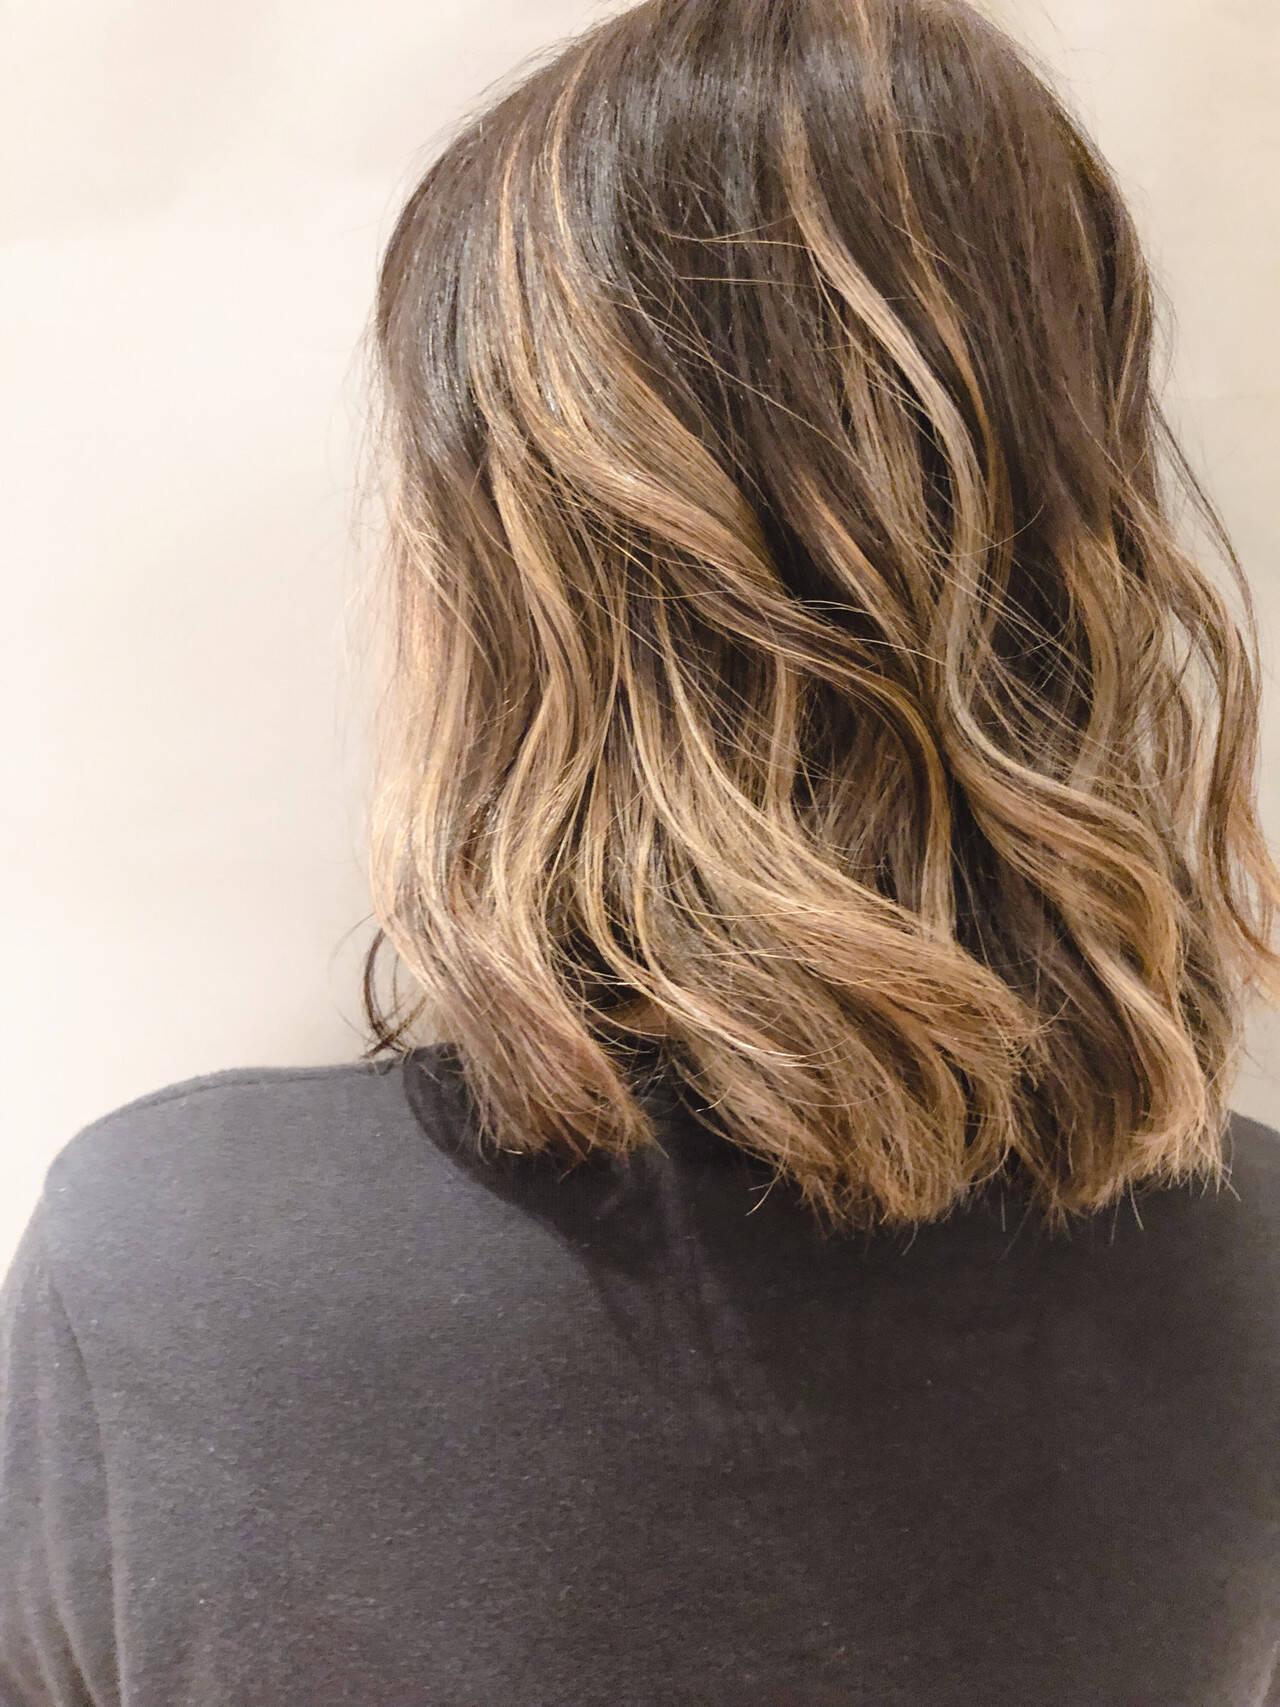 バレイヤージュ エレガント ロング ハイライトヘアスタイルや髪型の写真・画像